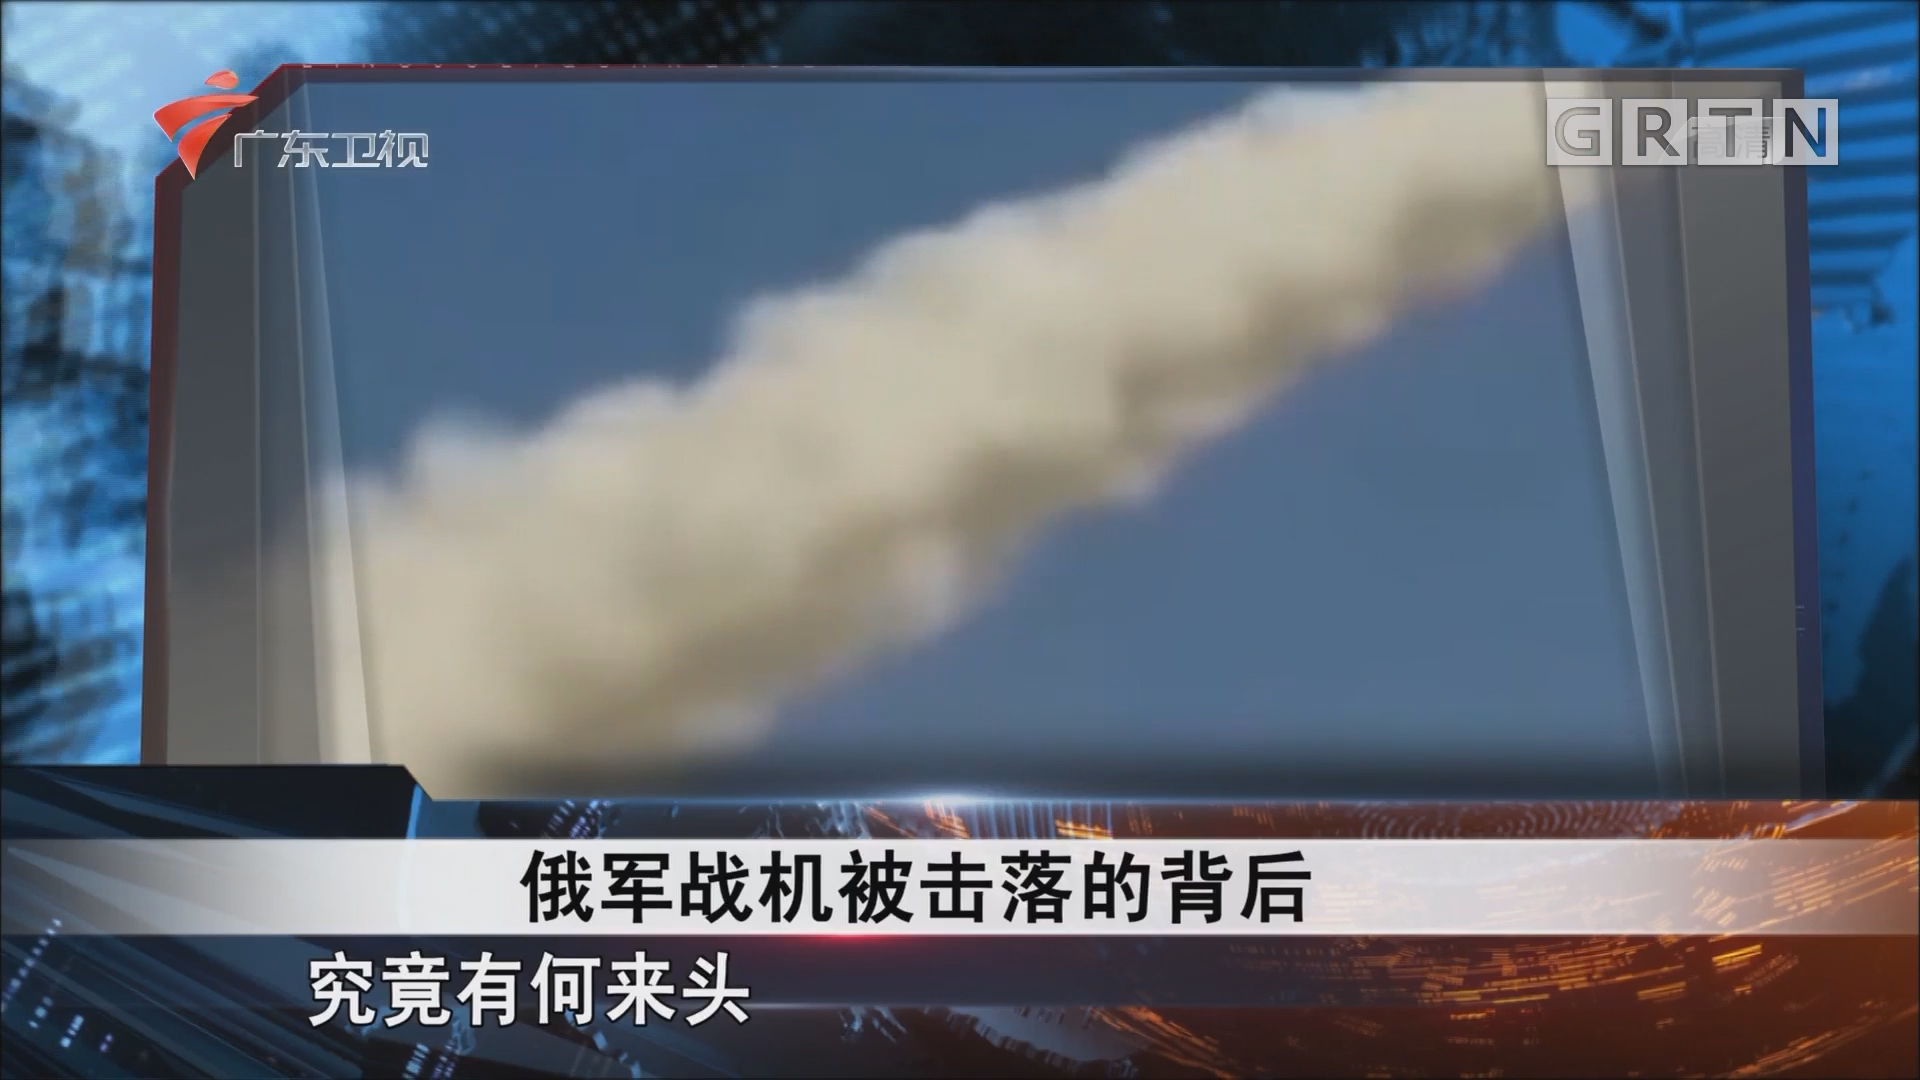 [HD][2018-09-30]全球零距离:俄军战机被击落的背后